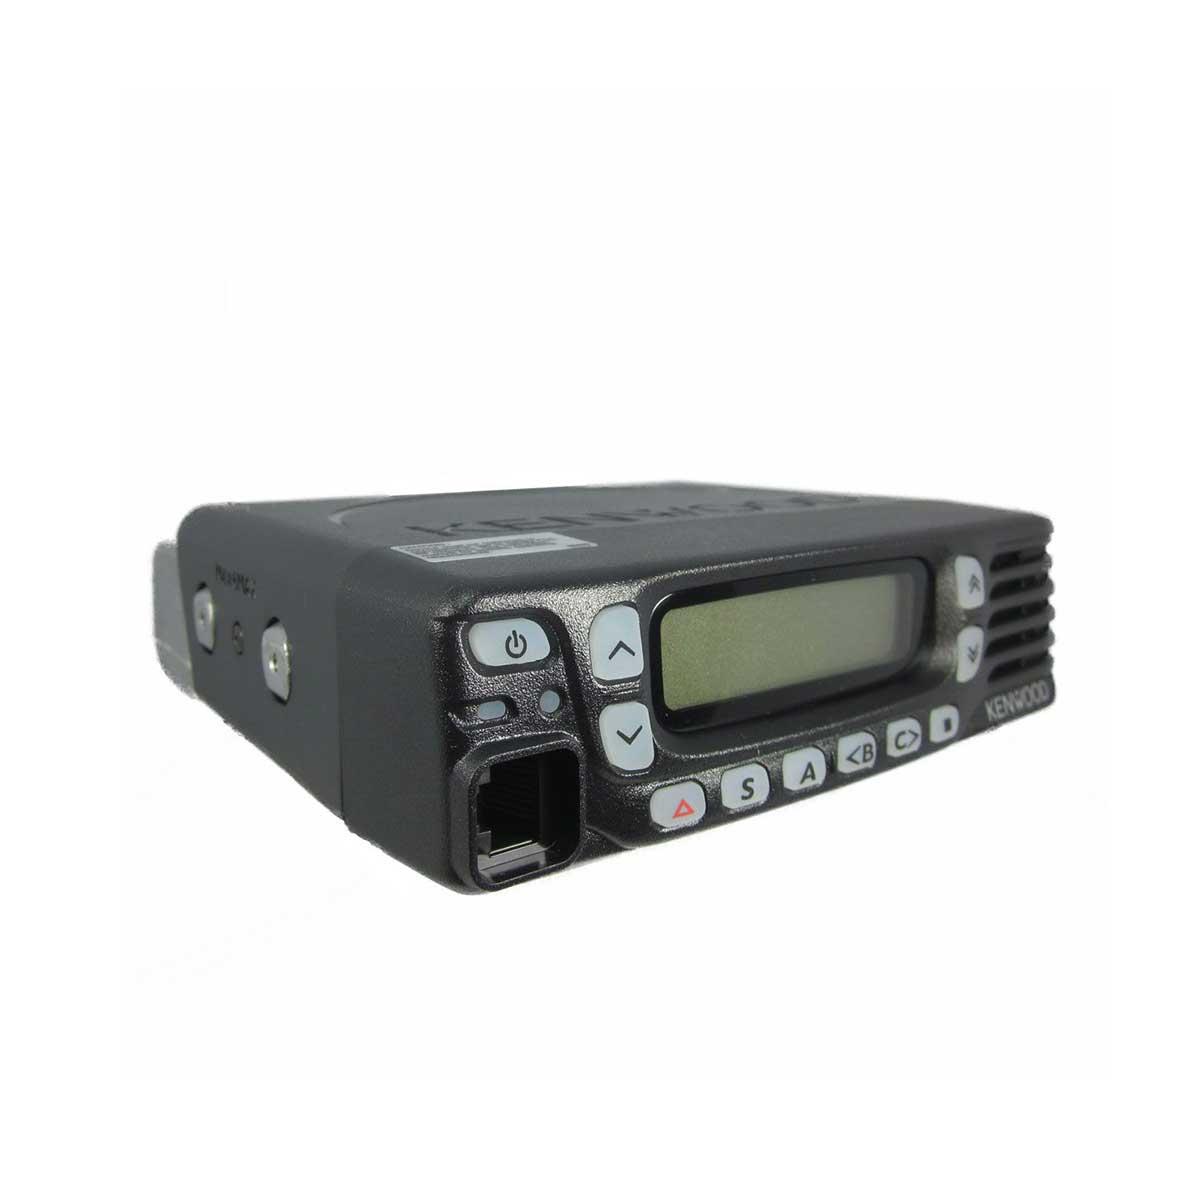 Radio Kenwood TK-8360 Analógico UHF 400-470 MHz